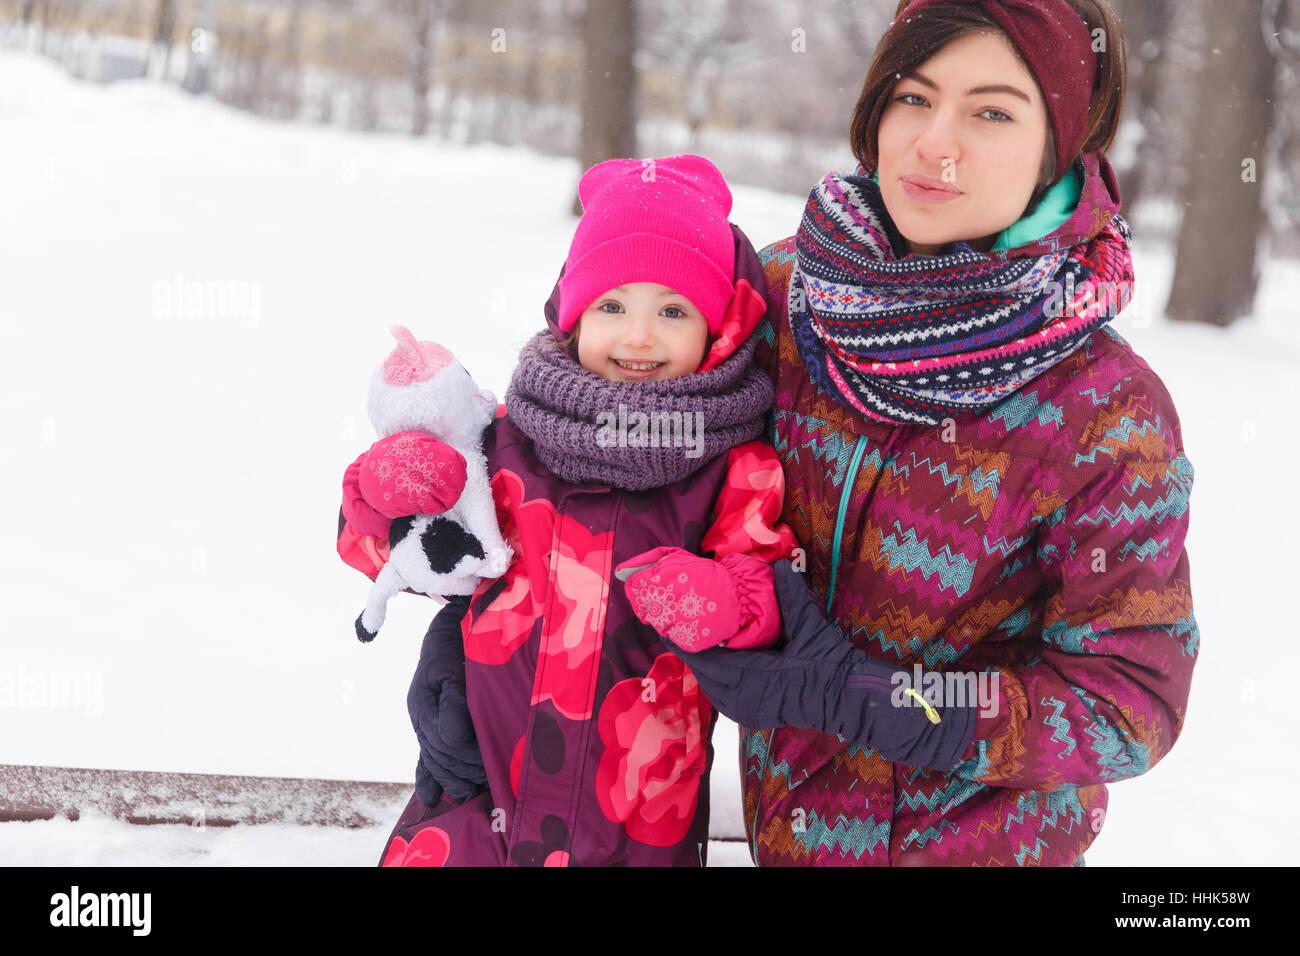 Passeggiata invernale madre con la figlia Immagini Stock